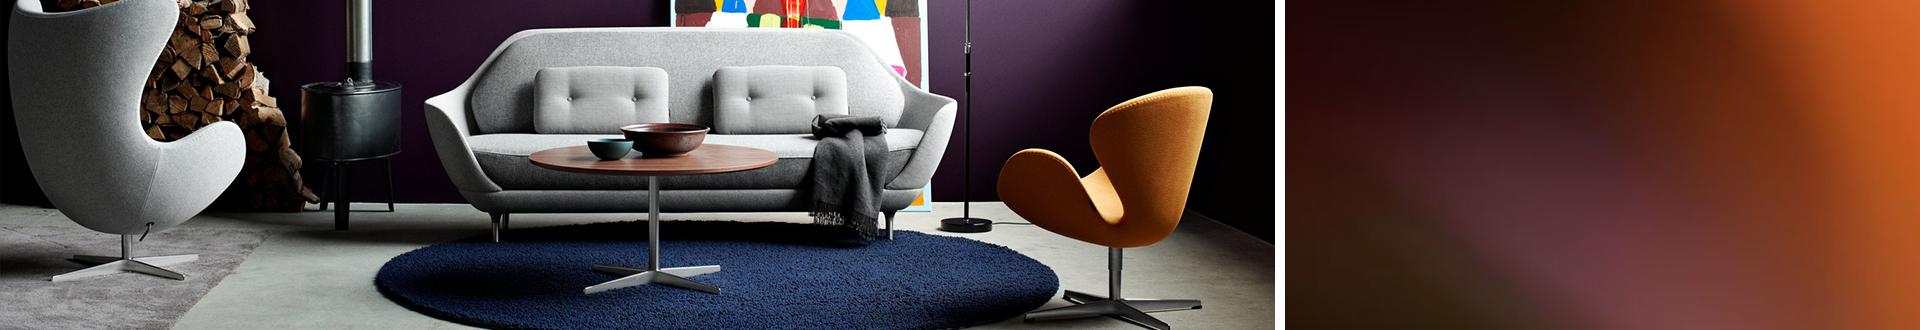 创意家具 - 坐具